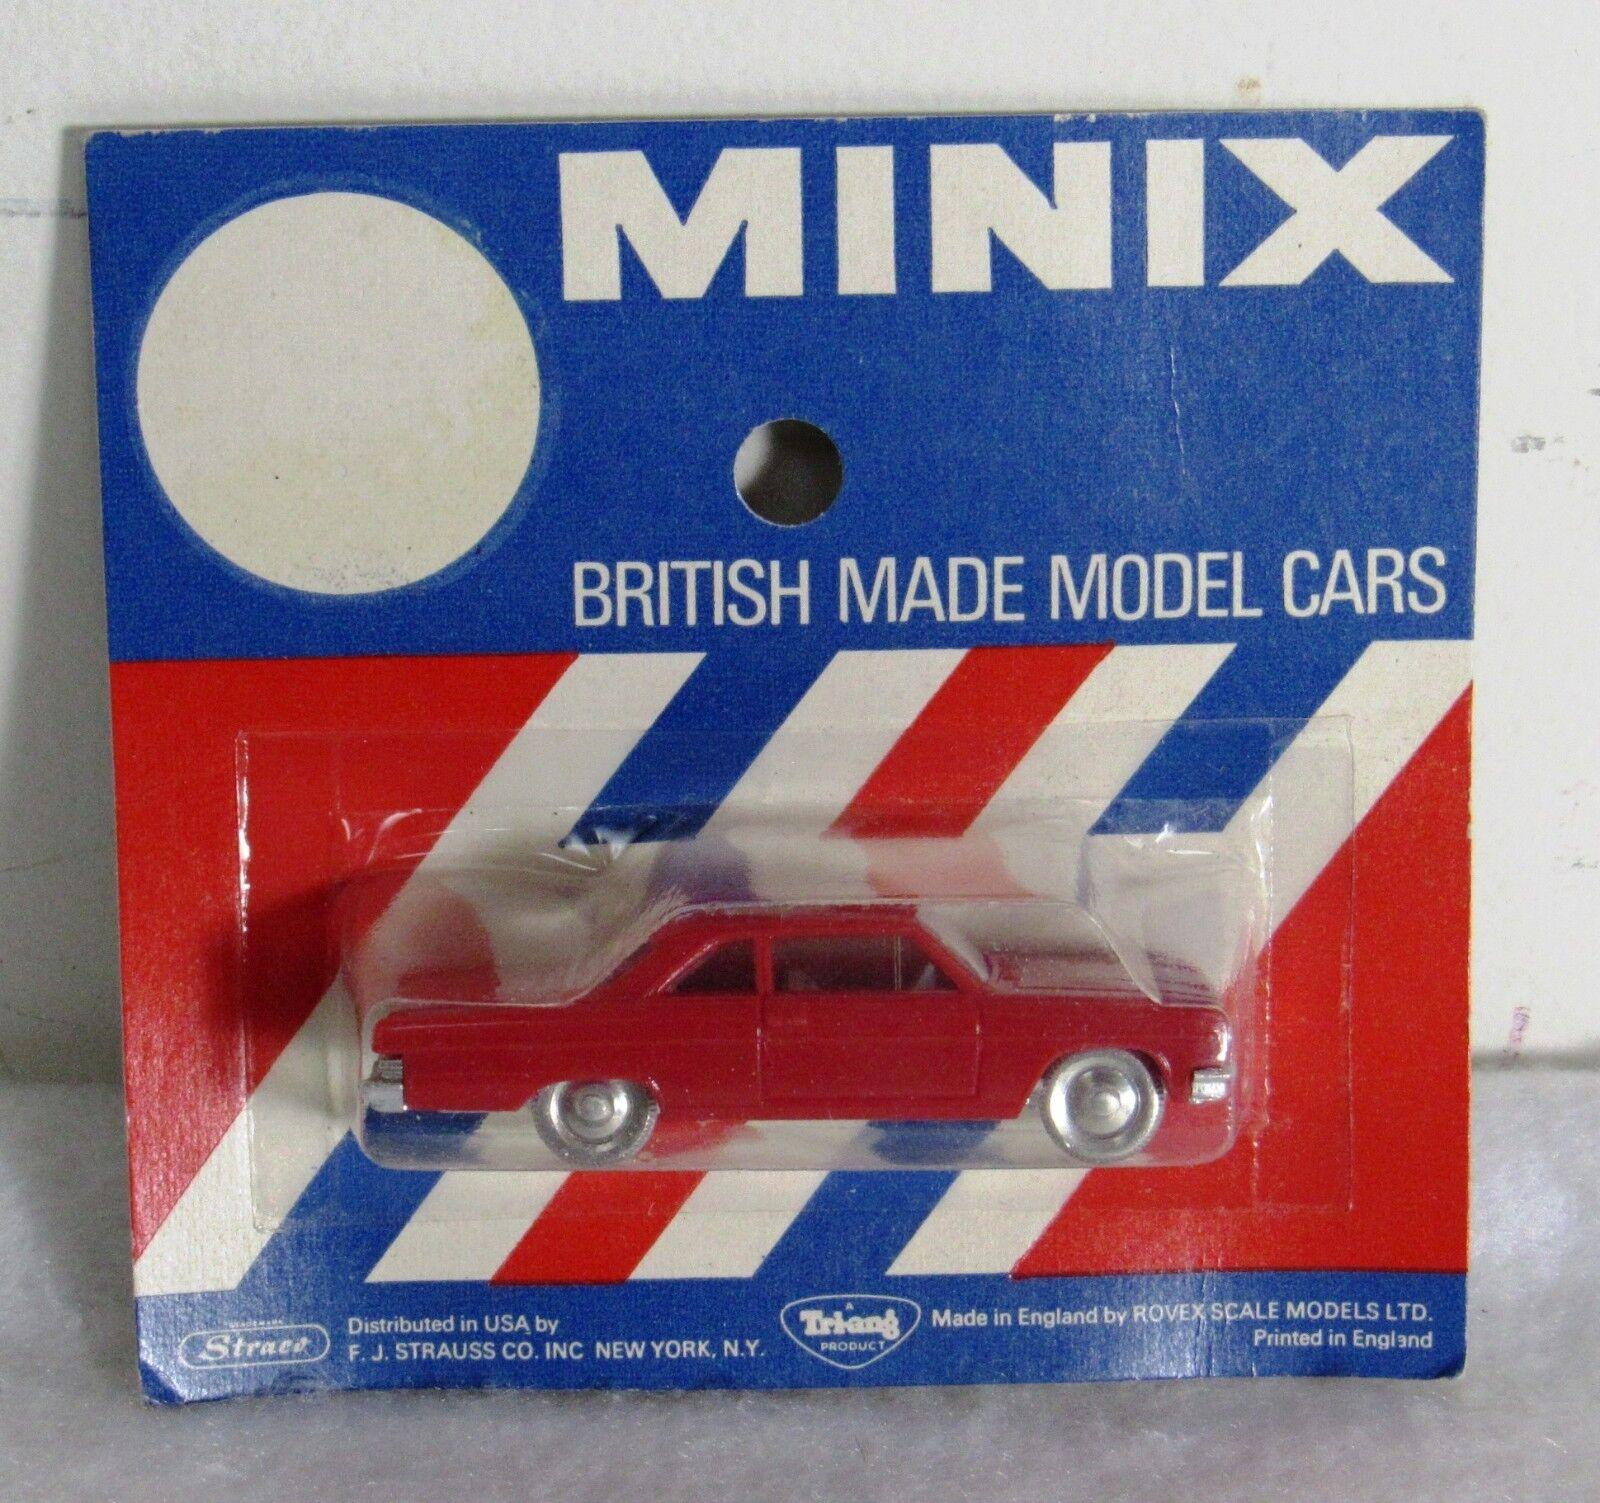 Rosso Triang Minix No17 Rambler Rambler Rambler 770 Classic Model Car Mint on Card 80c4d0